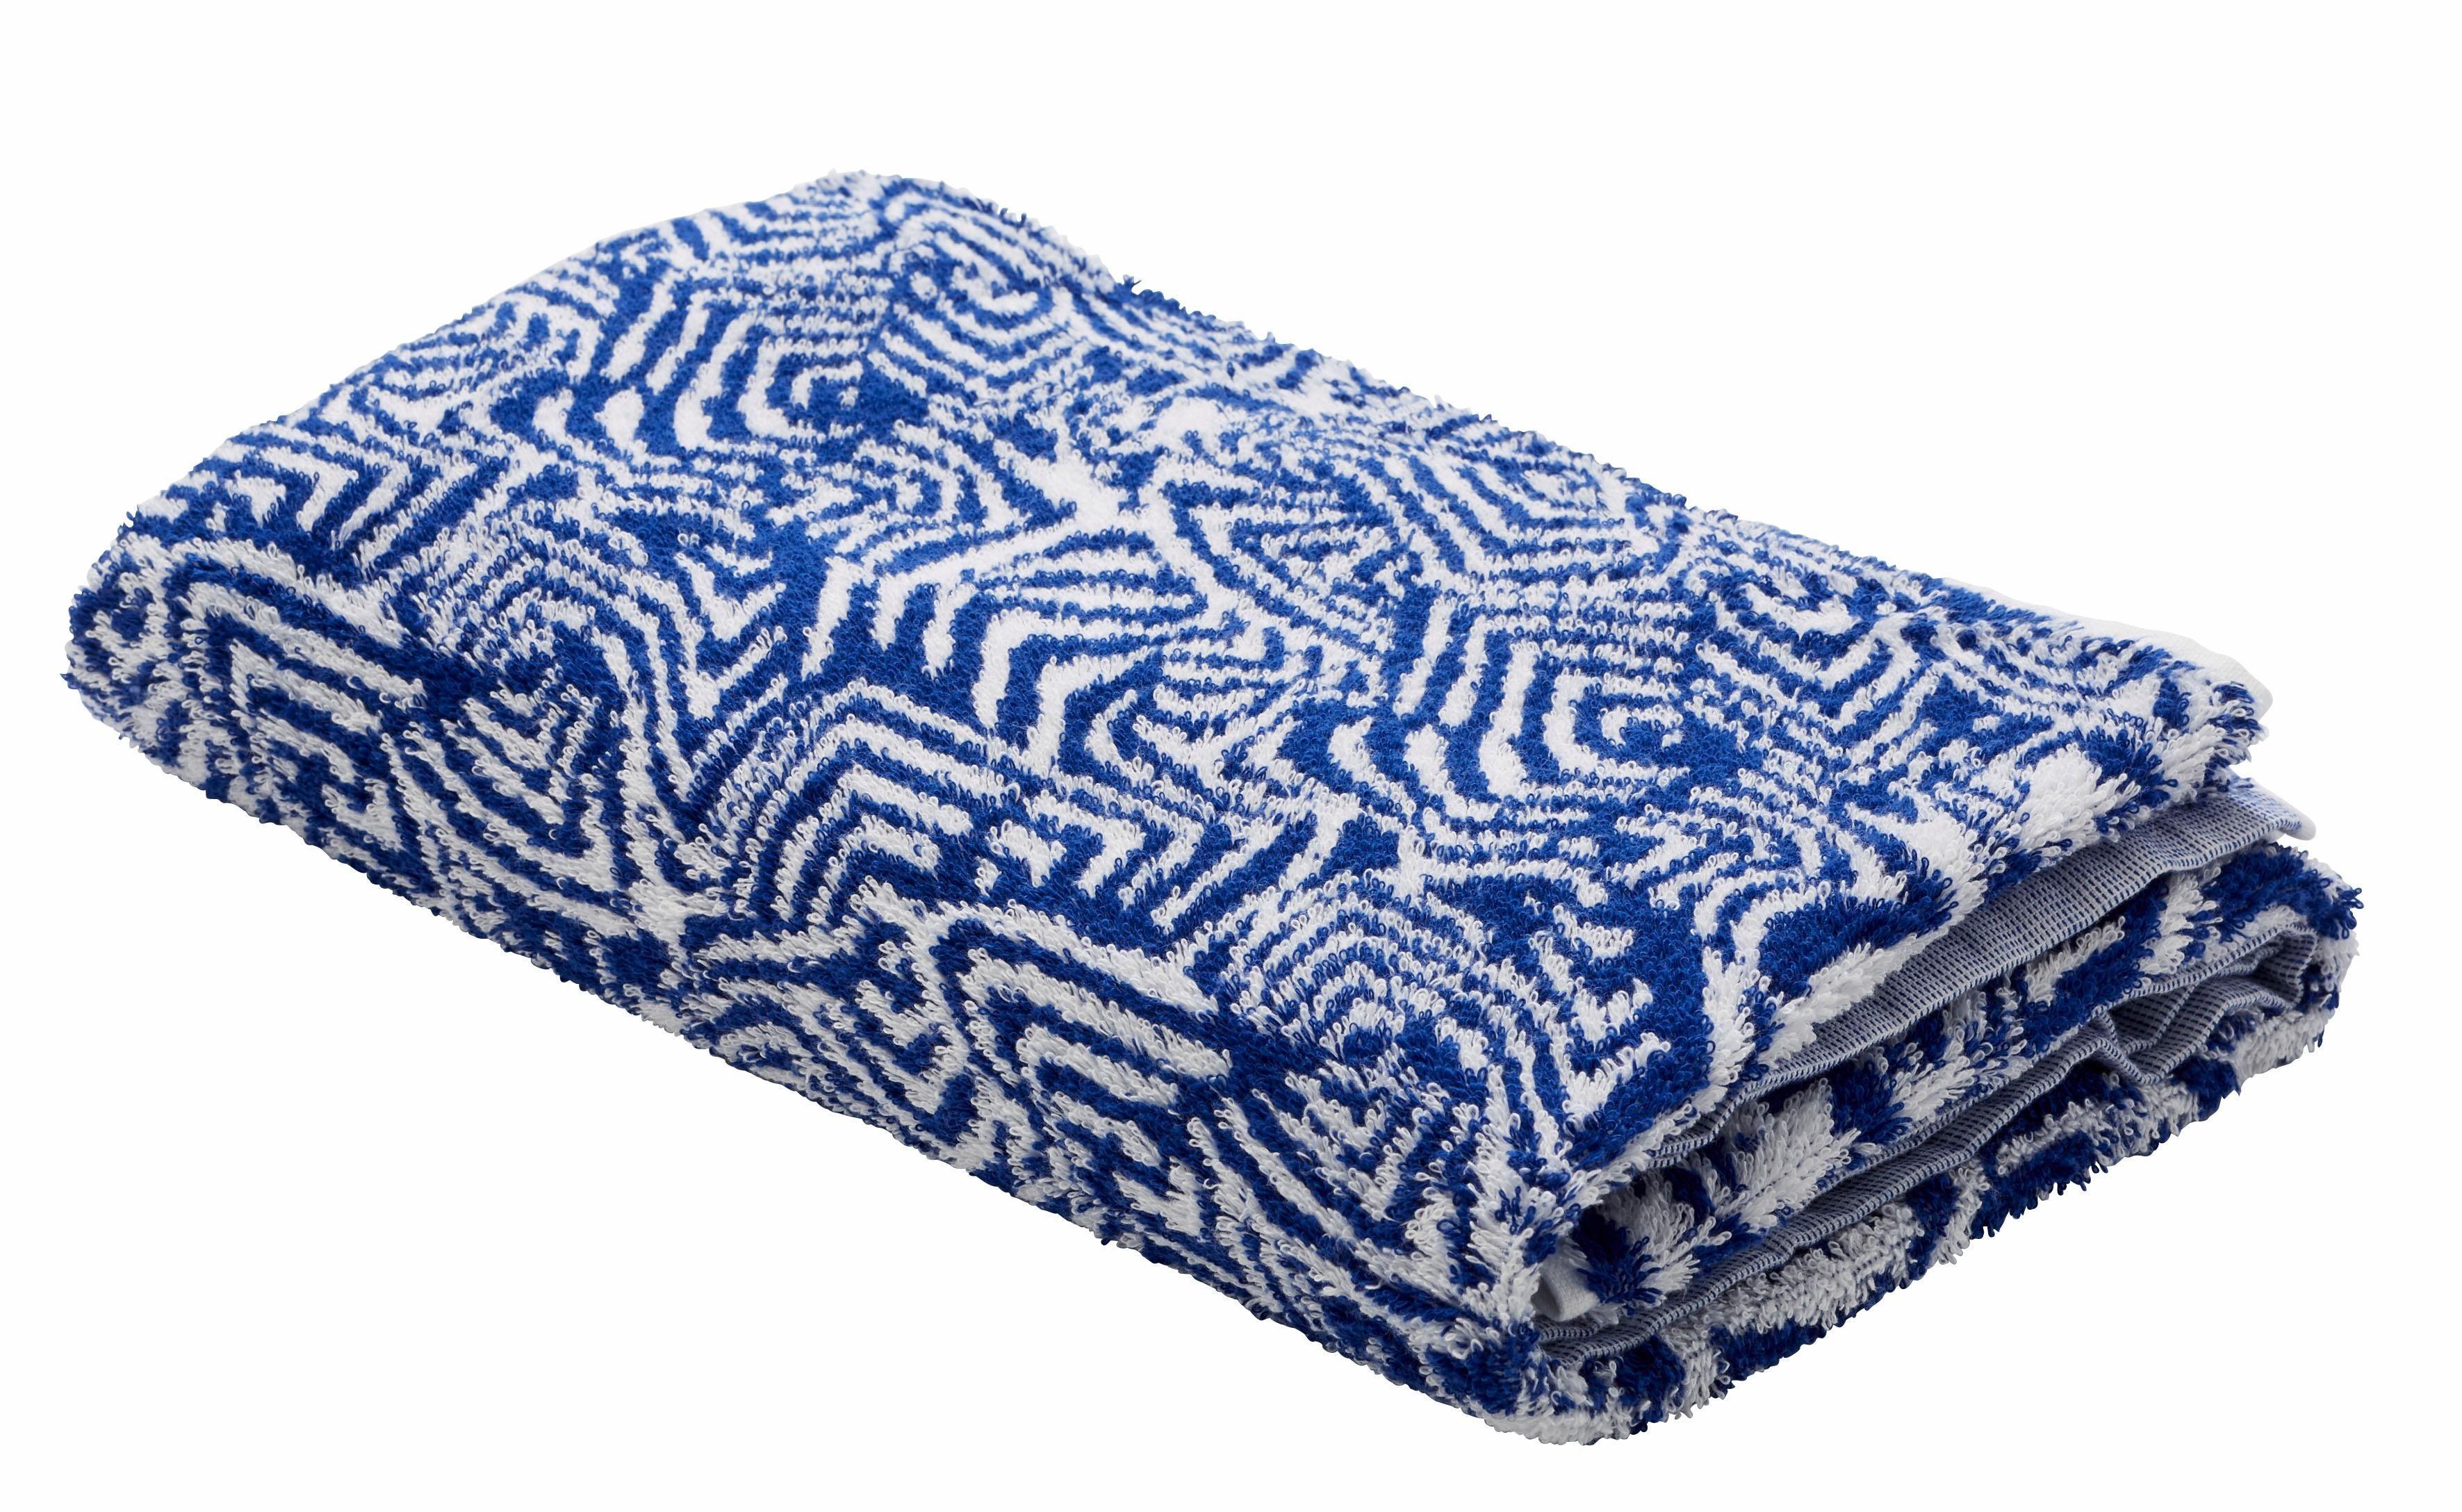 Badetuch, GMK Home & Living, »Serie Blue waves«, mit modernem Muster | Bad > Handtücher > Badetücher | Baumwolle | Guido Maria Kretschmer Home&Living